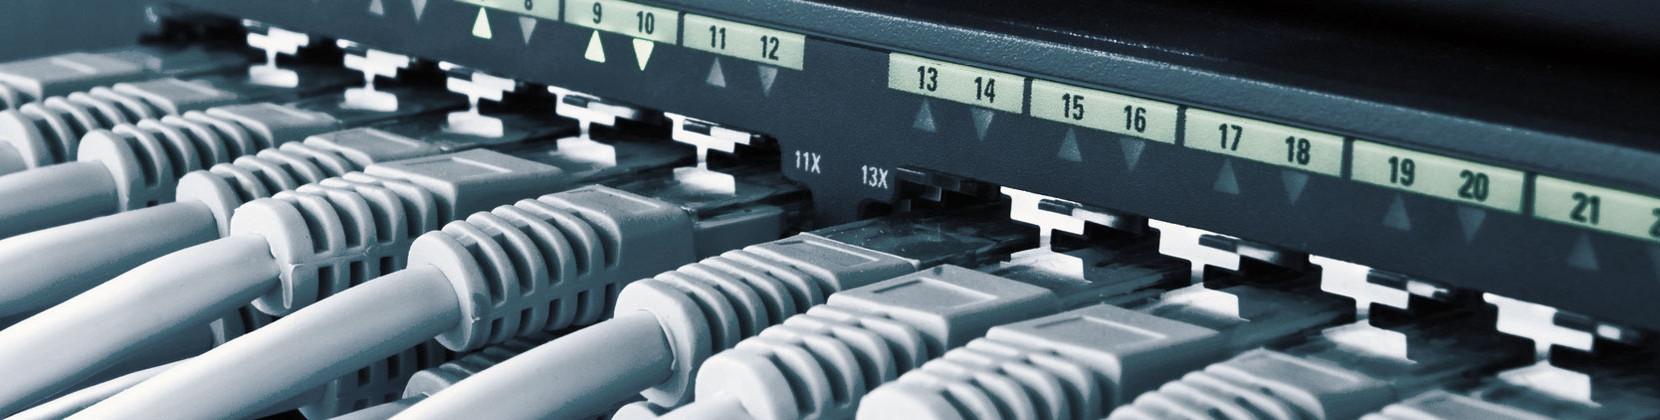 CERIBASI Netzwerktechnik